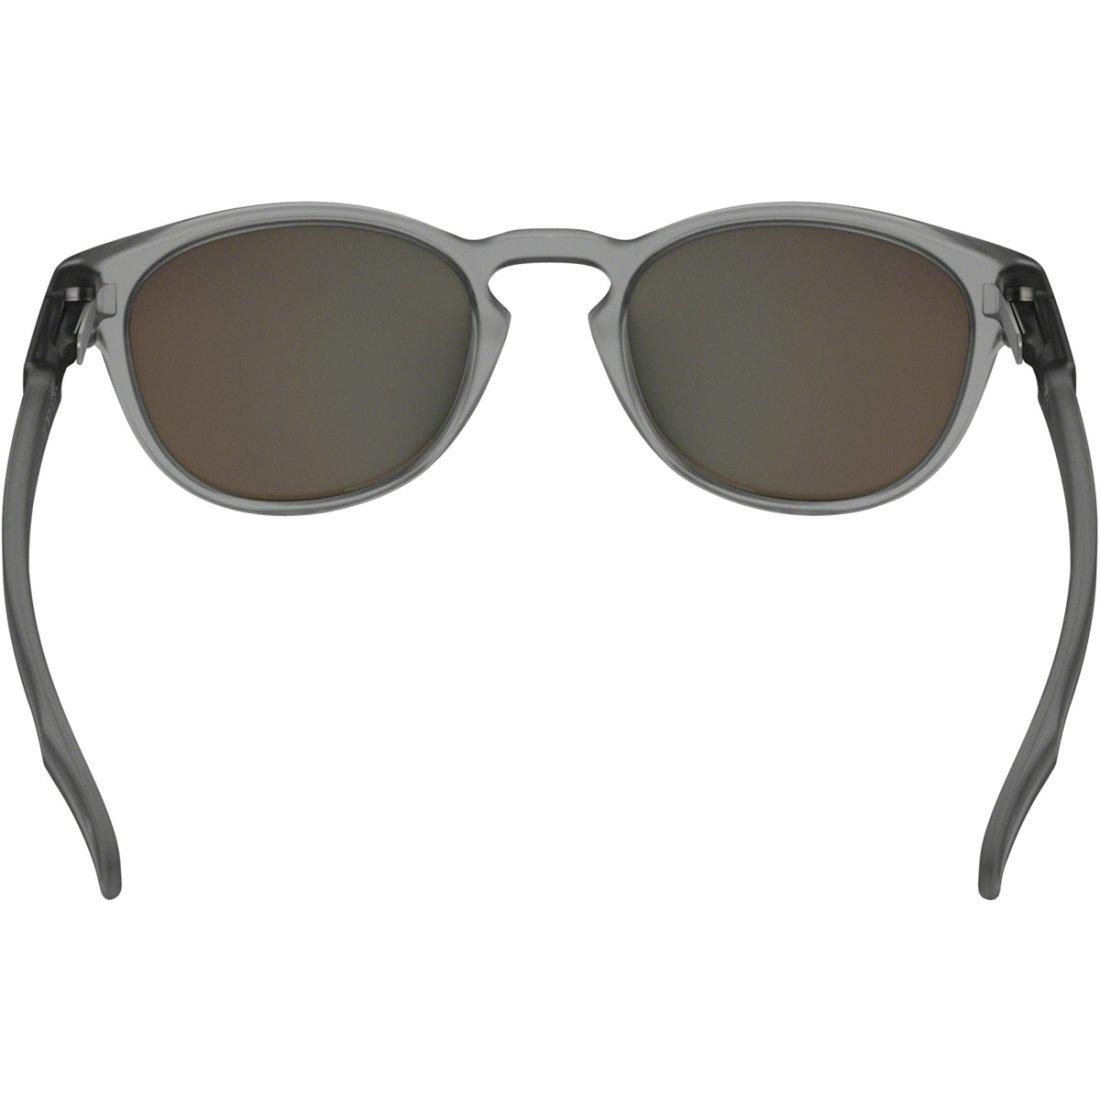 9f1d4d99fec7a Máscara   Óculos OAKLEY Latch Matte Gray Ink   Sapphire Iridium Polarized